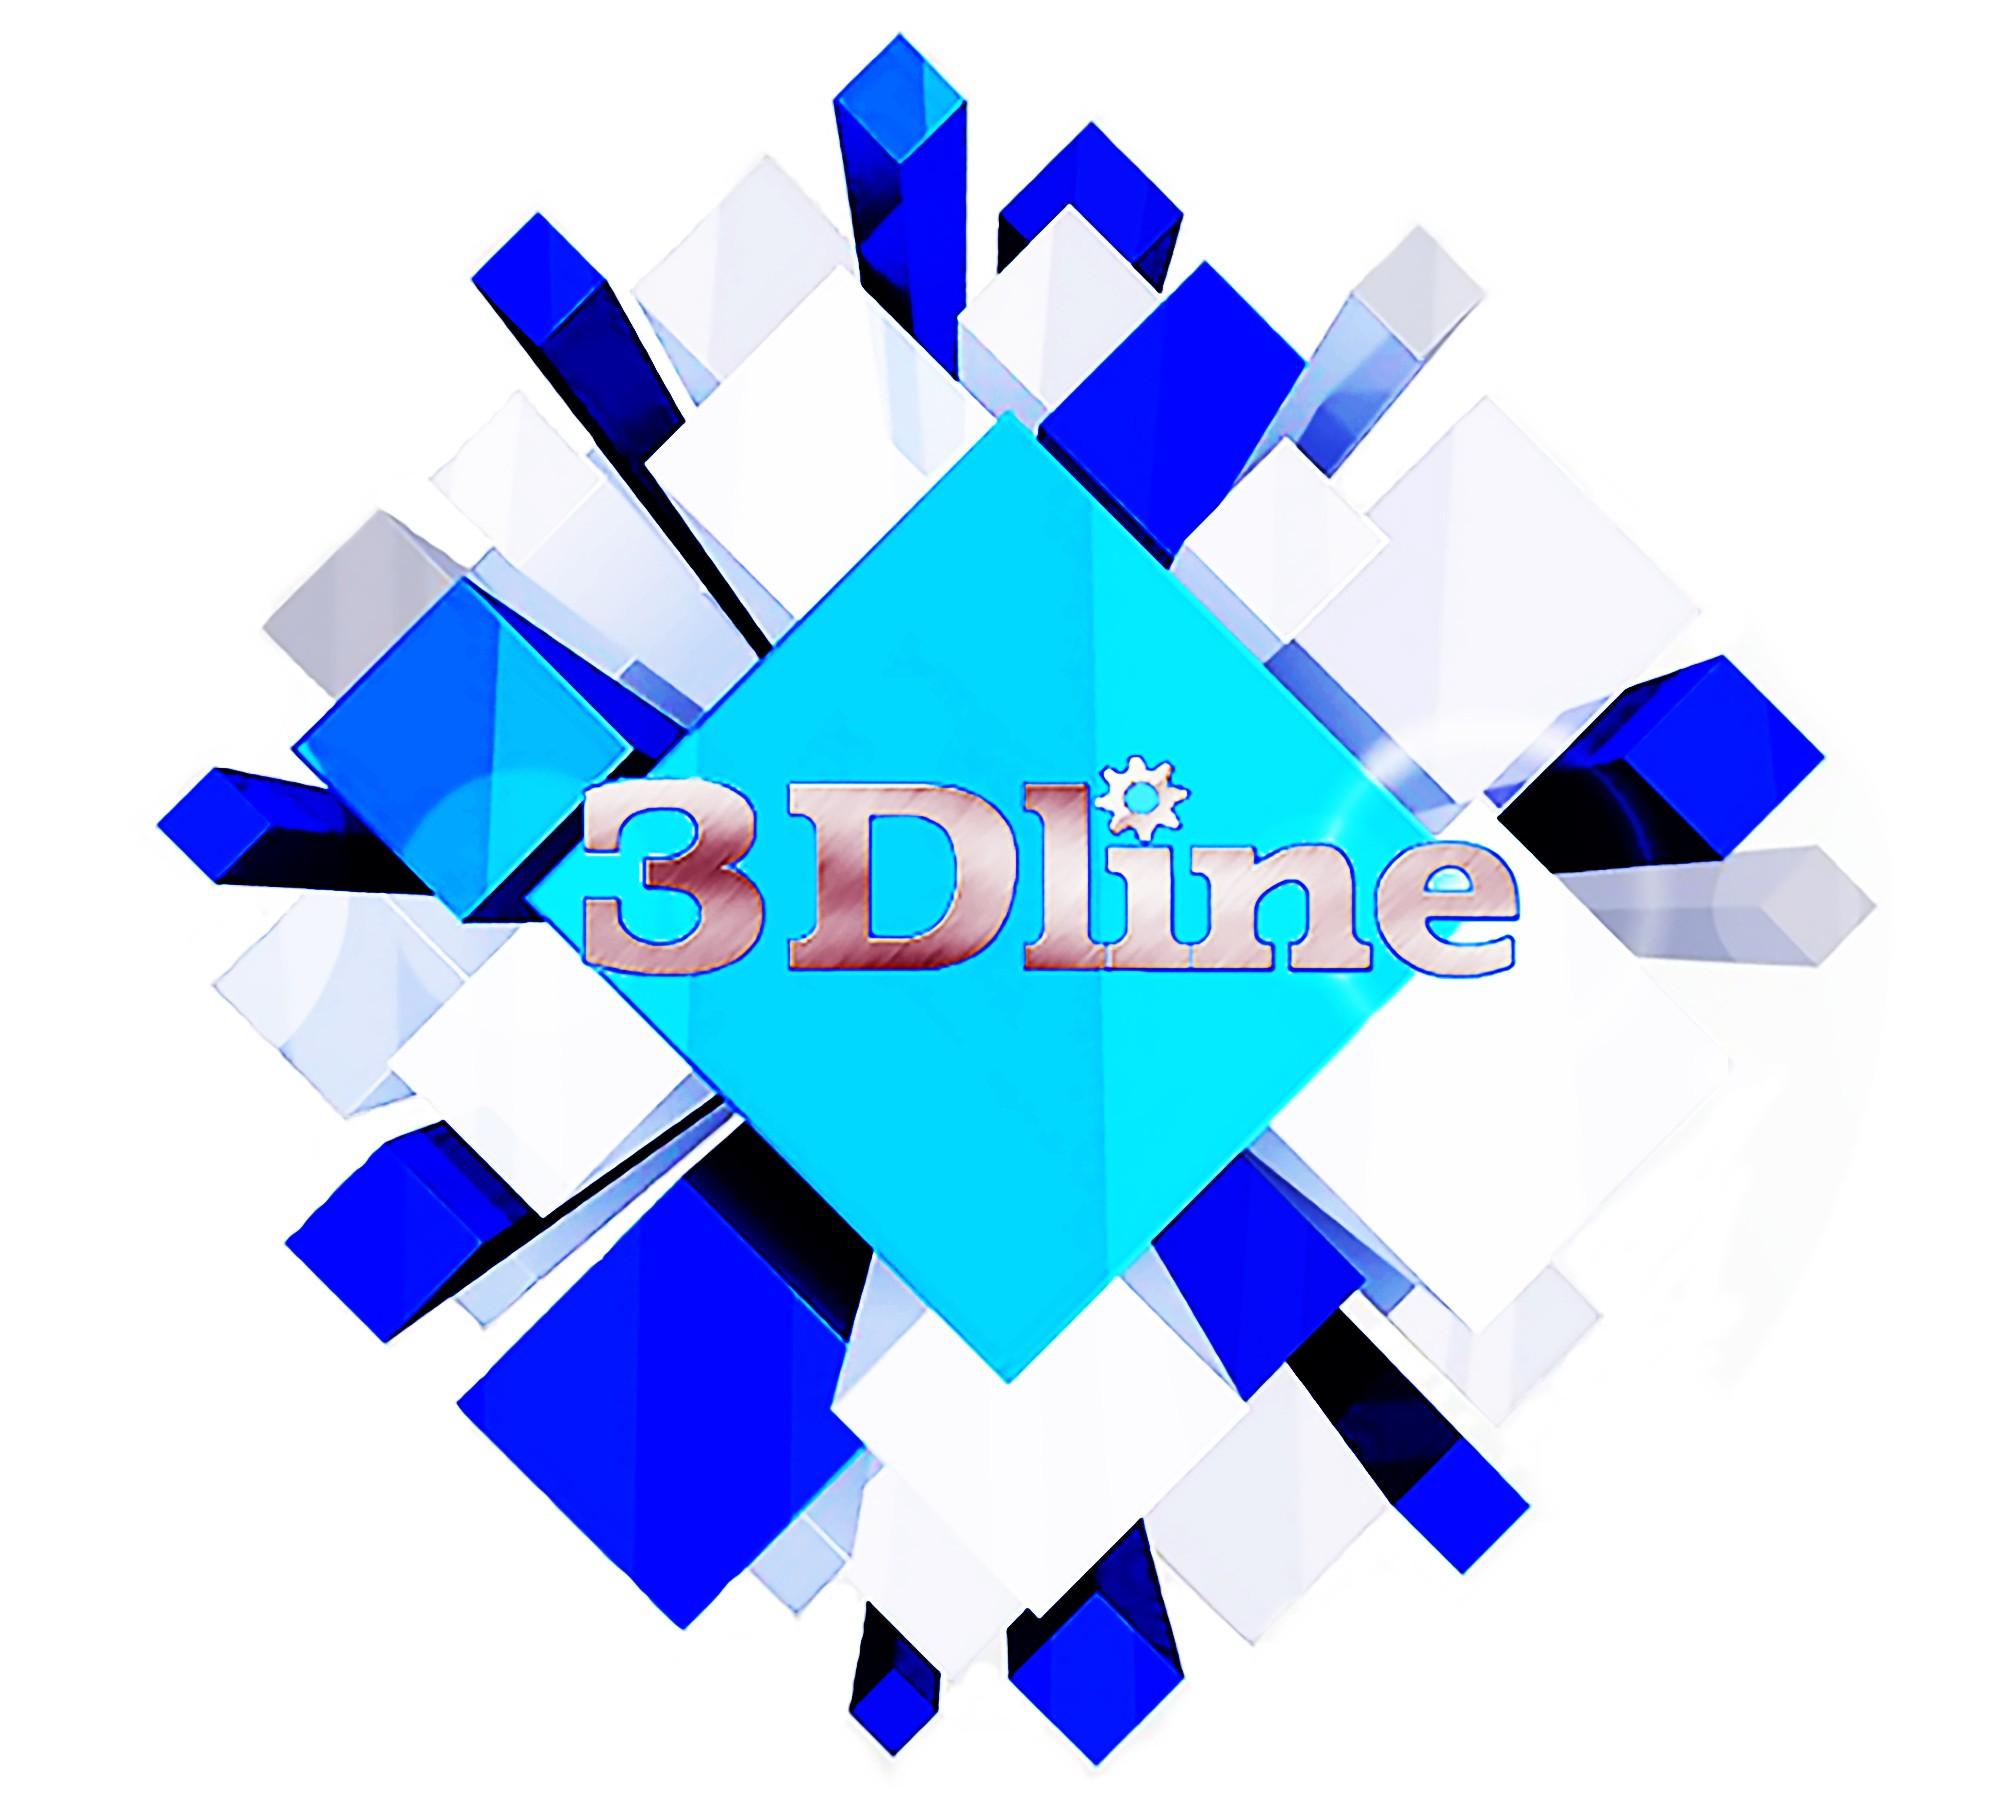 3DLINE